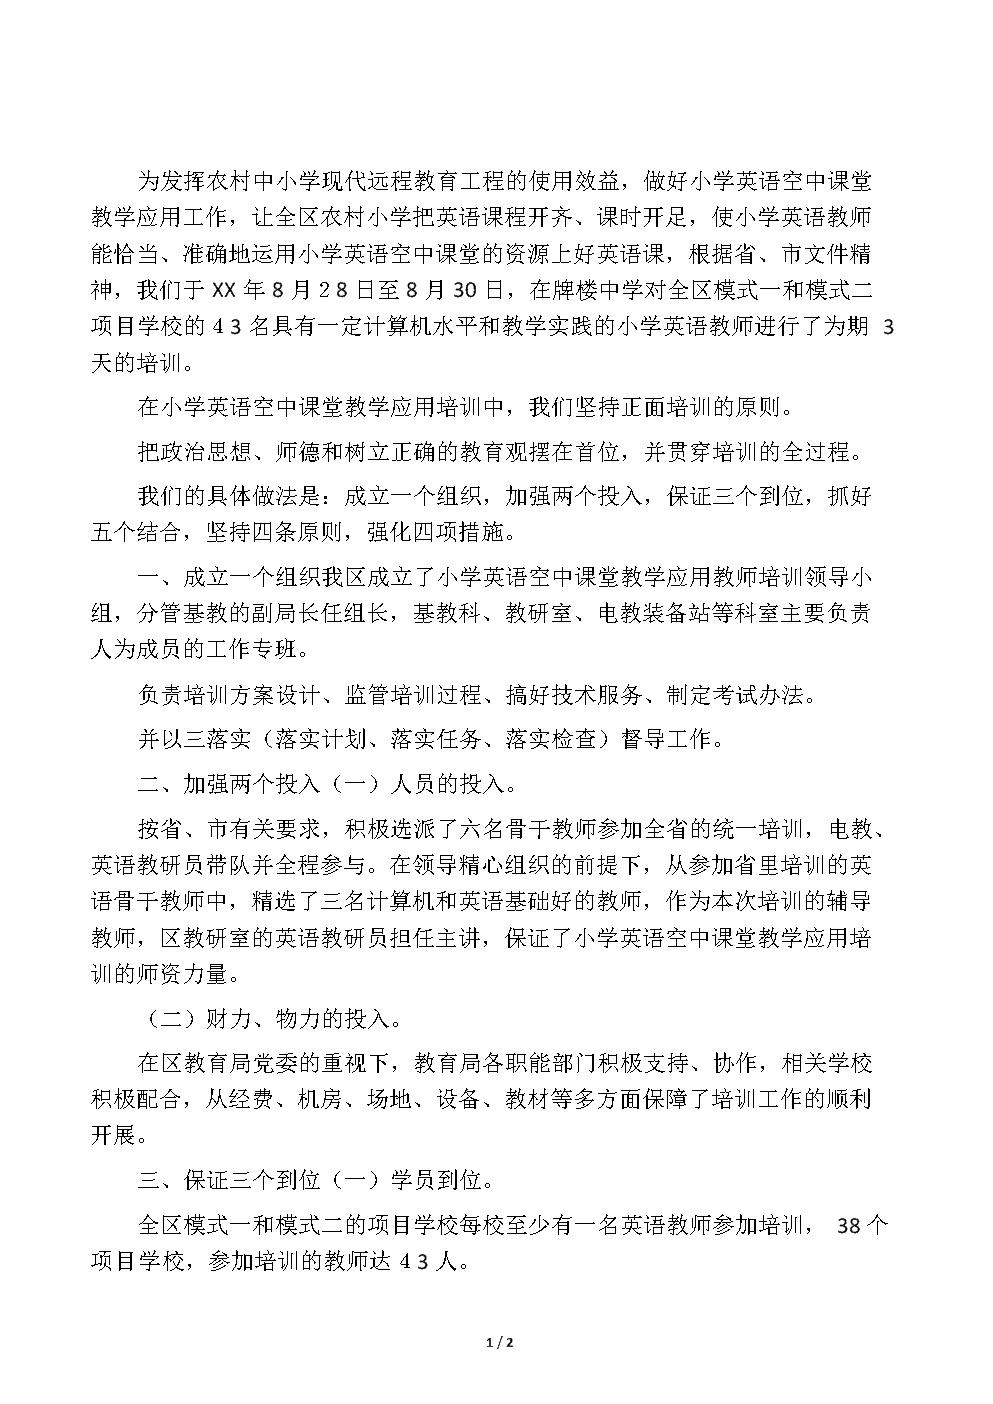 小学英语课堂教学应用培训工作总结.docx